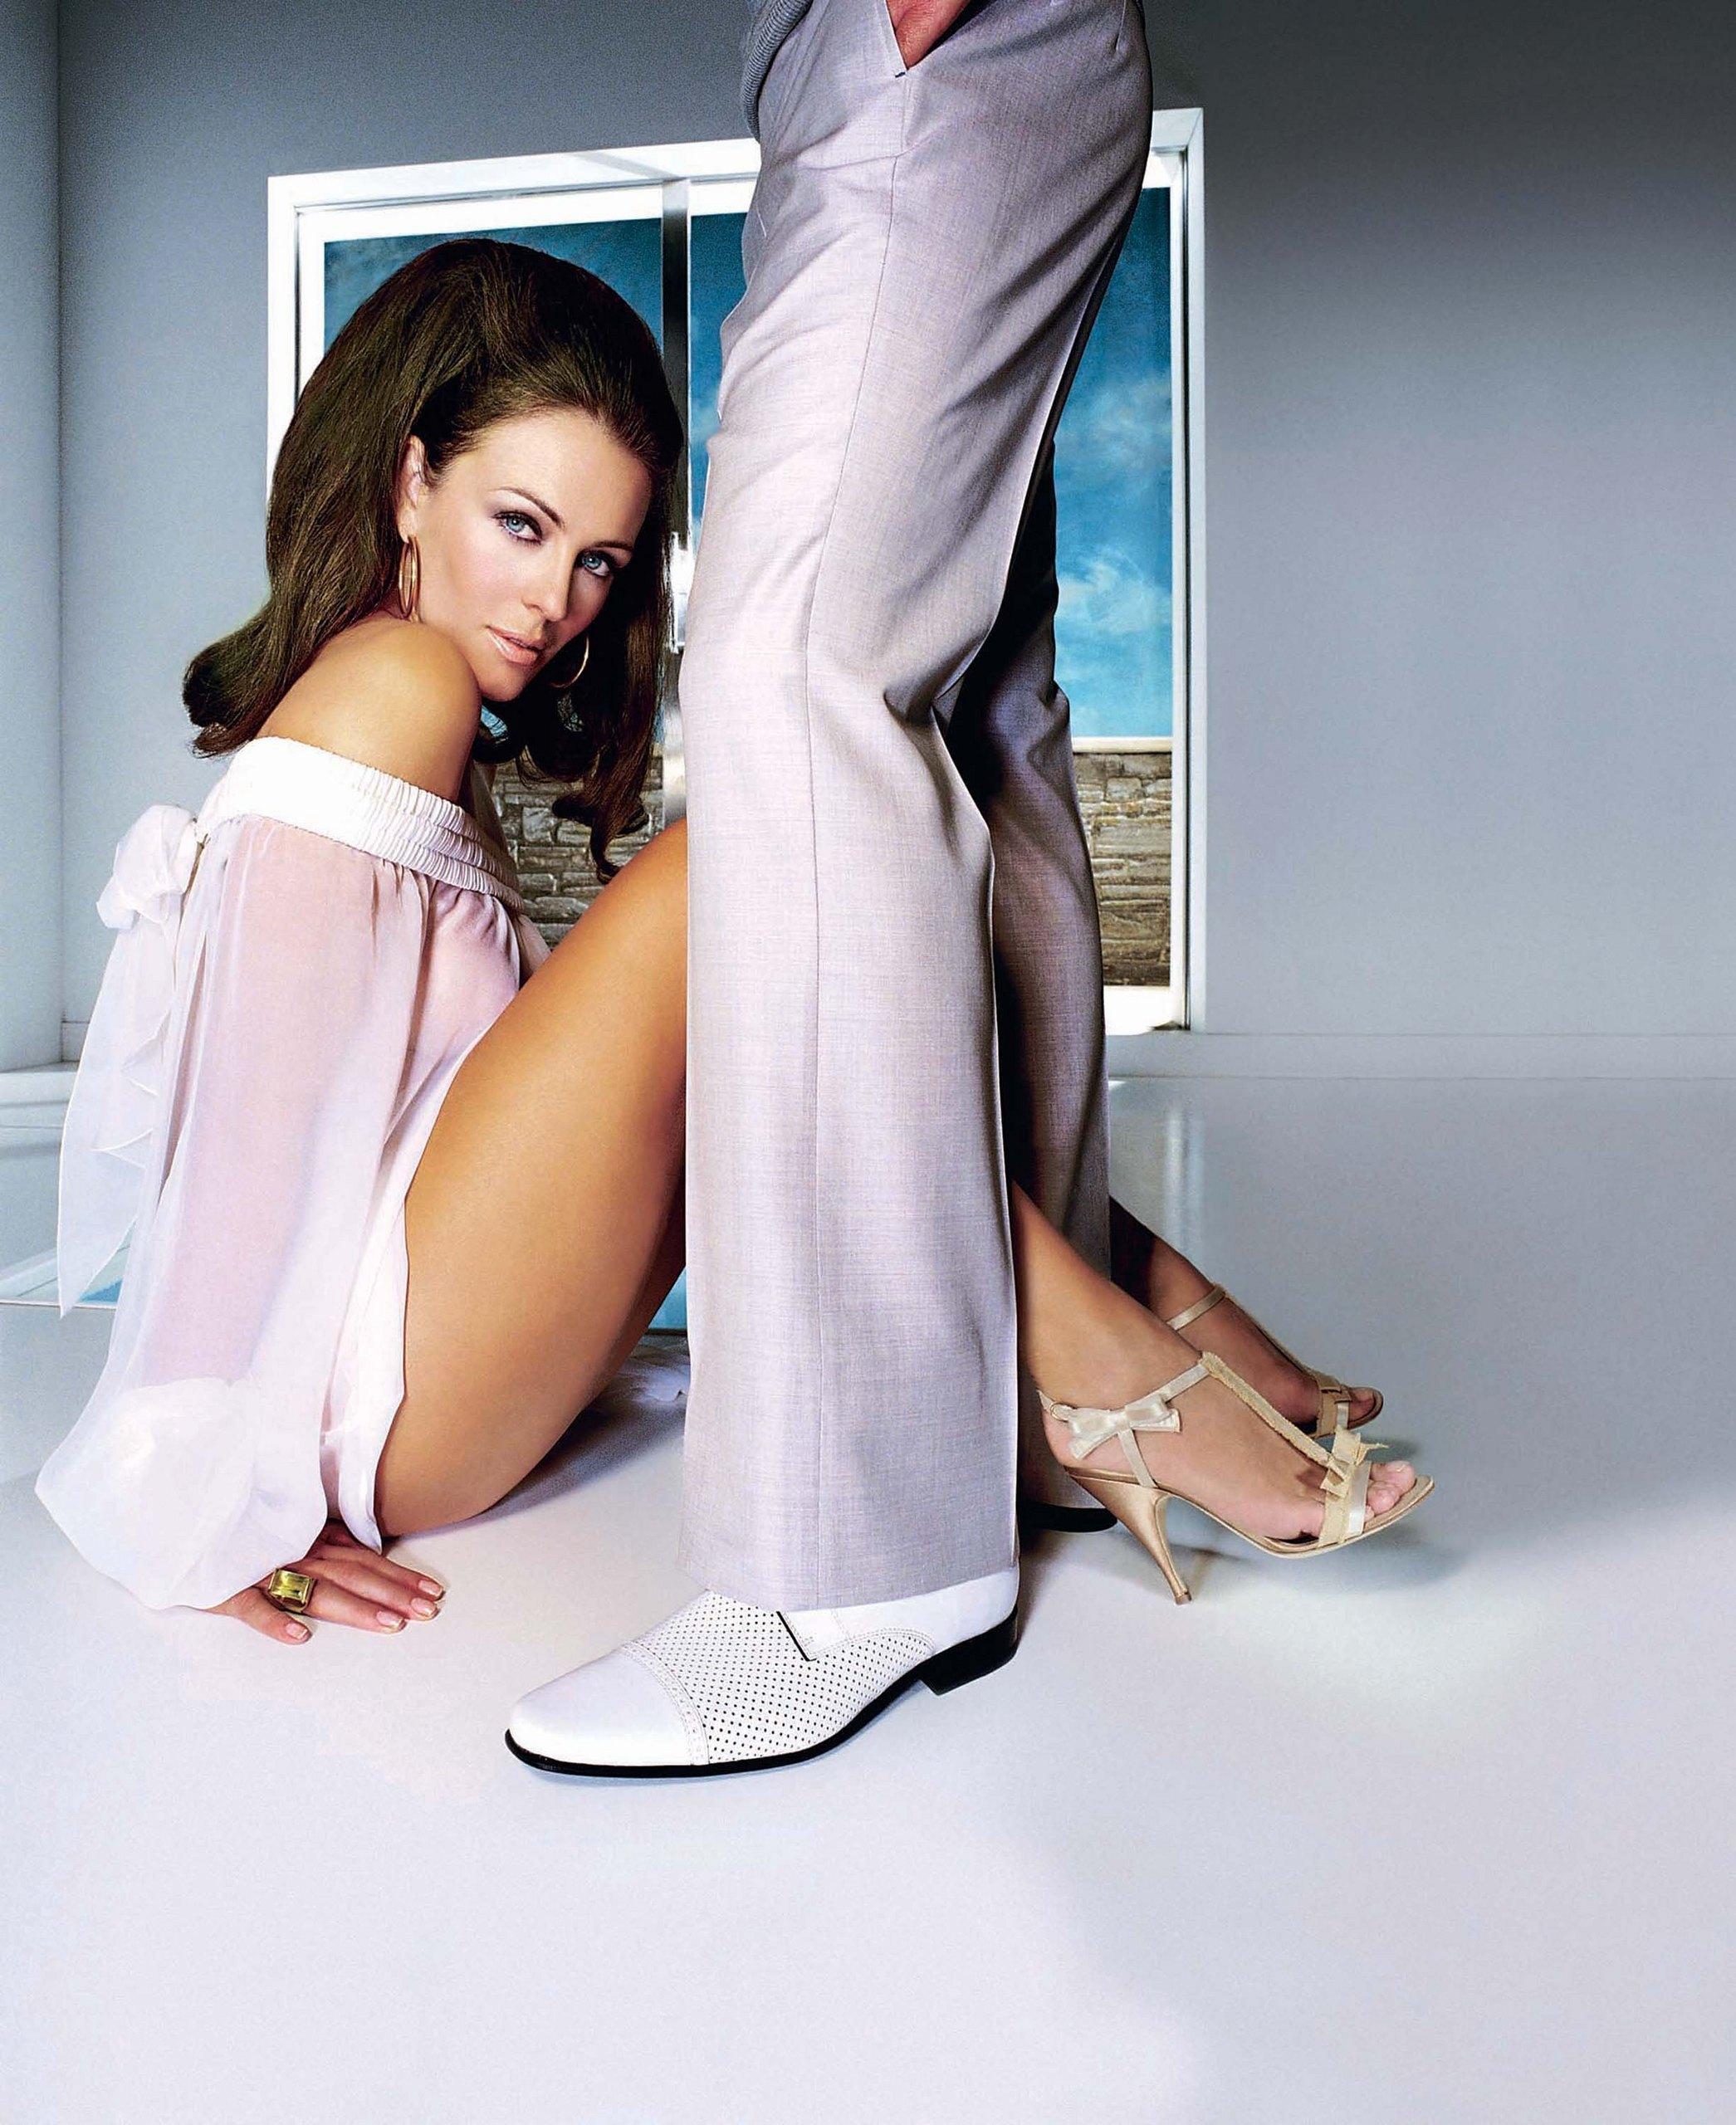 http://images1.fanpop.com/images/photos/1500000/Elizabeth-elizabeth-hurley-1549807-2091-2560.jpg